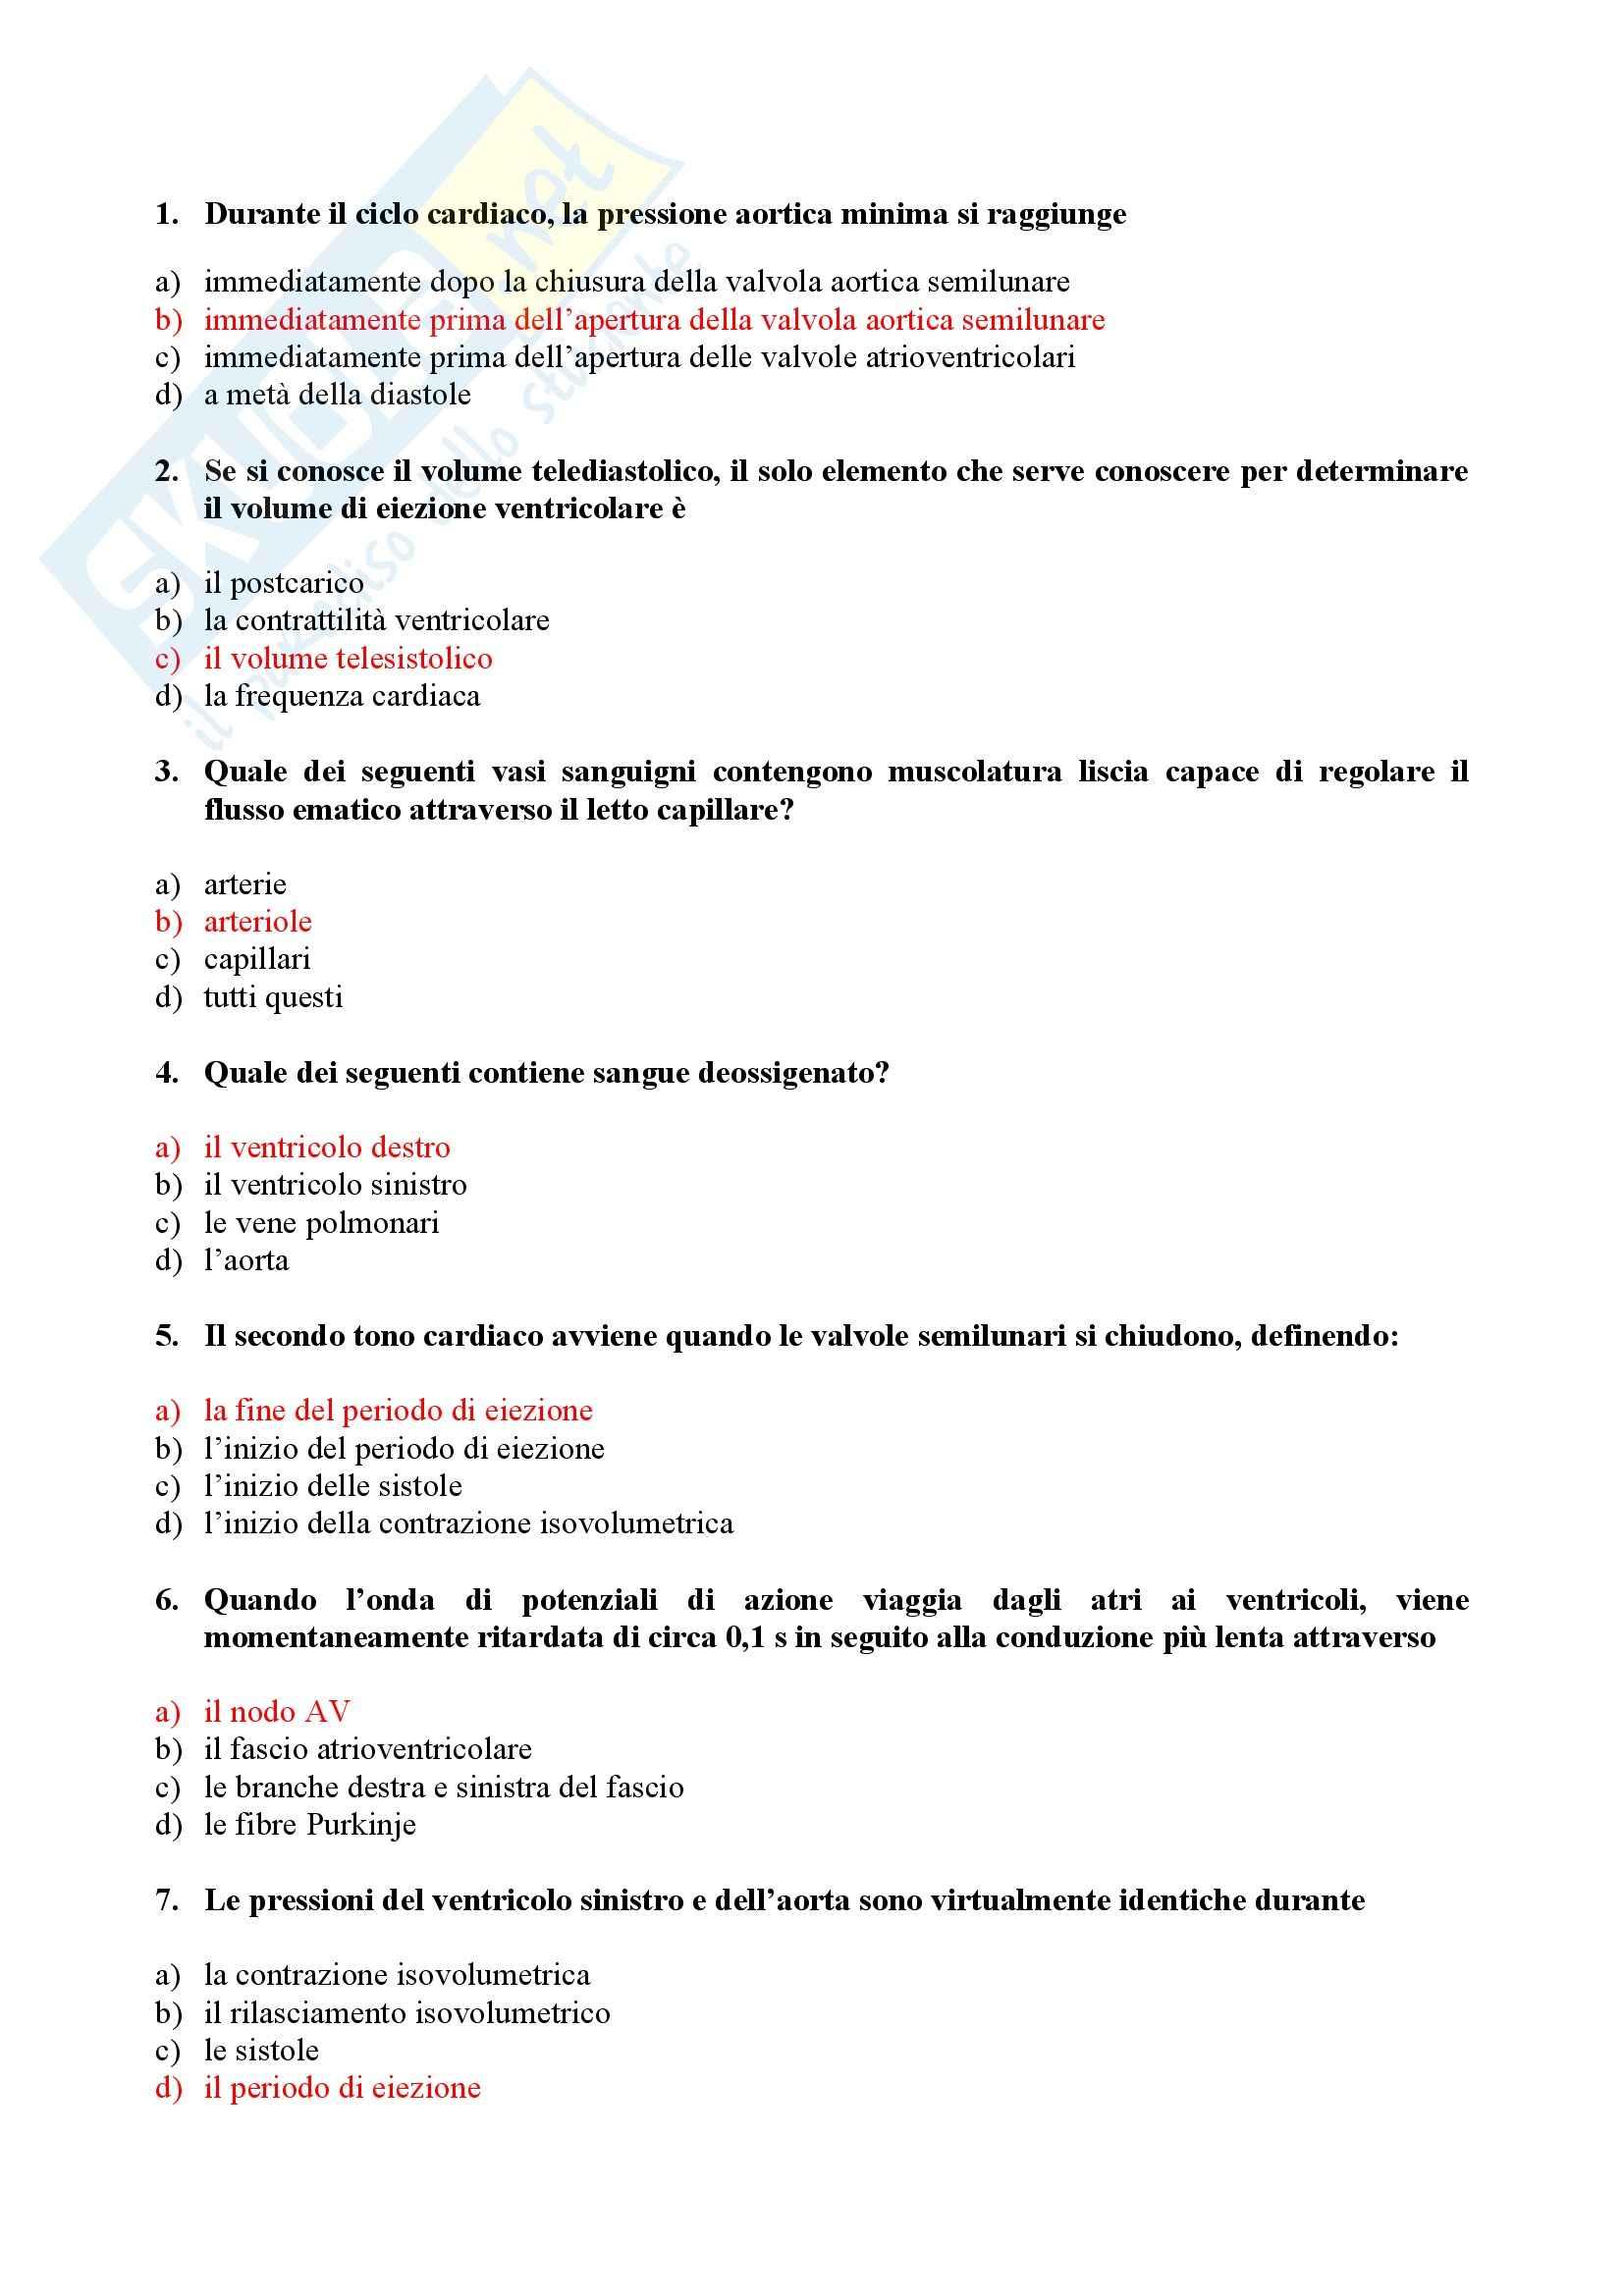 Cardiologia - Test